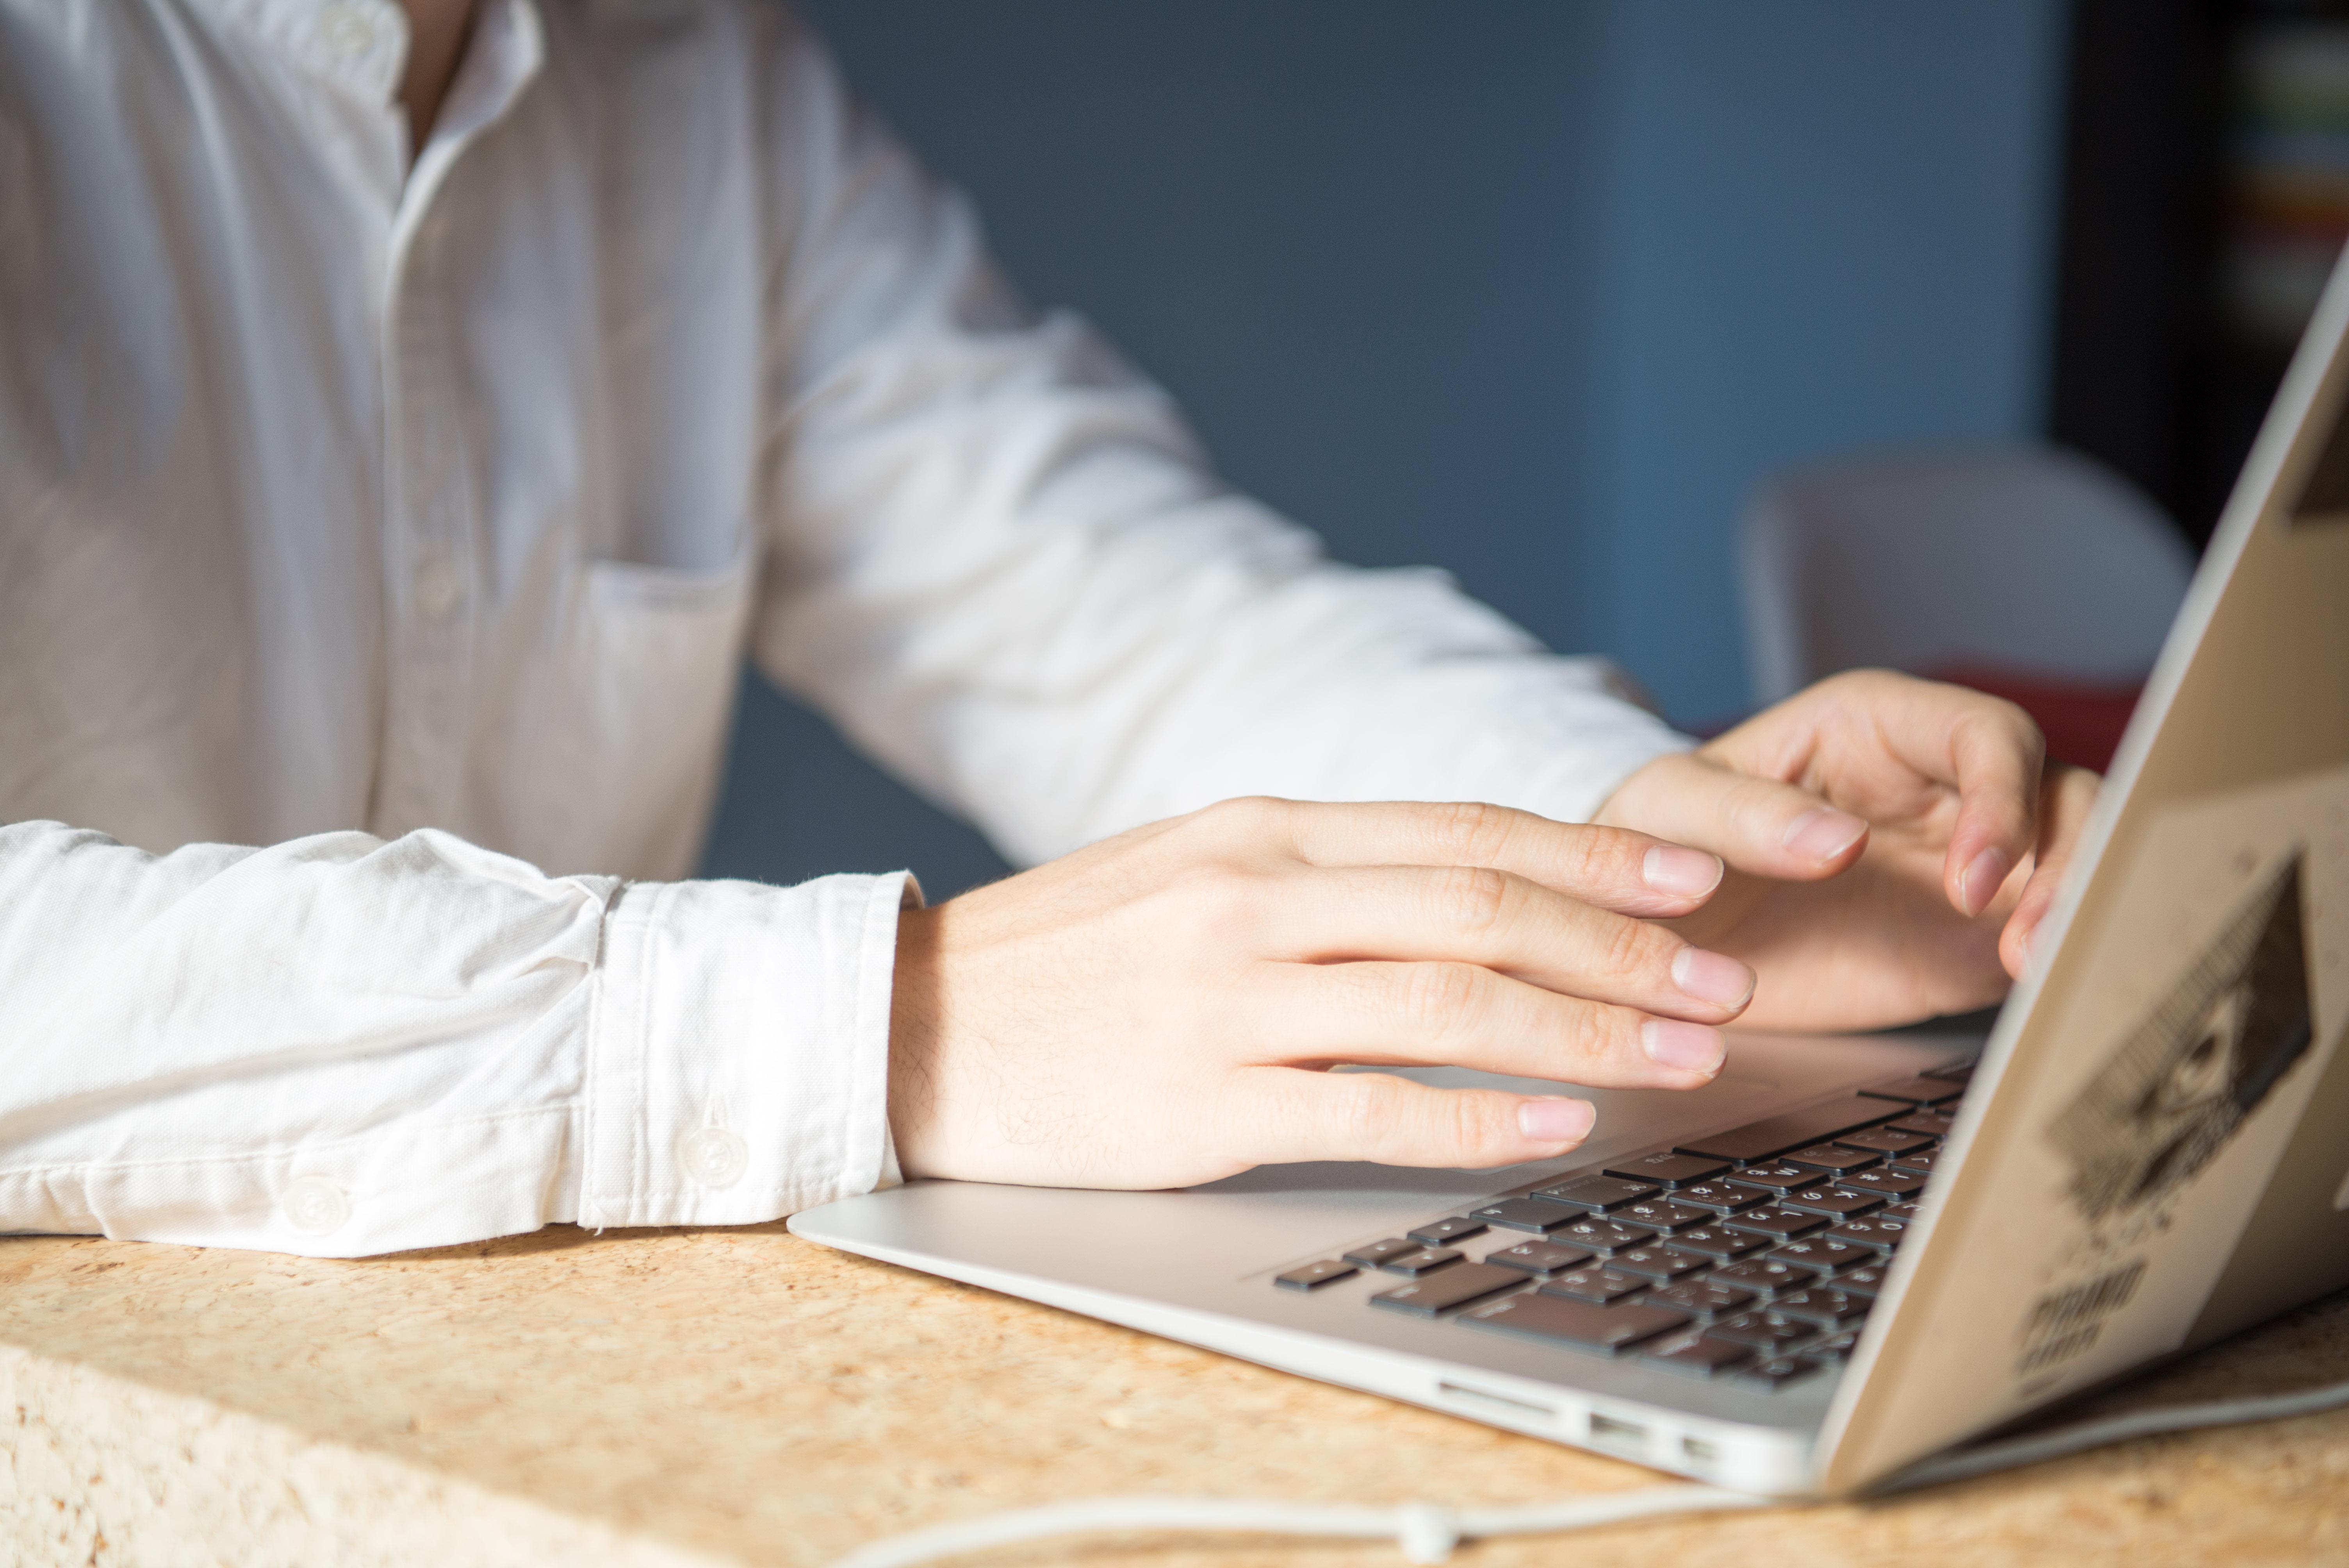 【写真】パソコンに手をおきながら語るくさかりさん